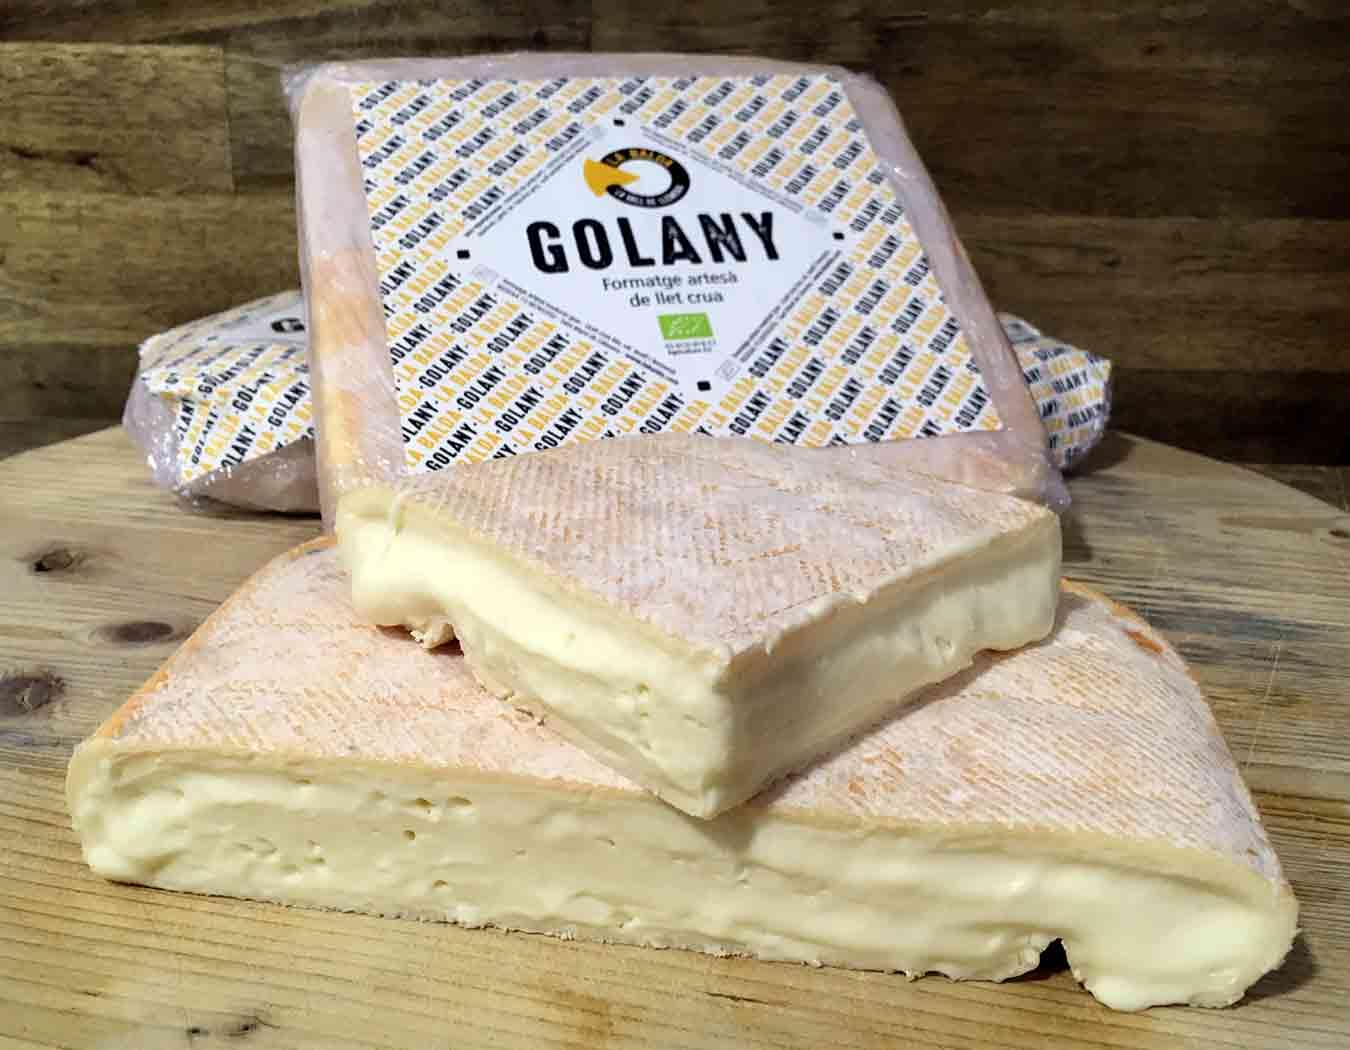 Golany